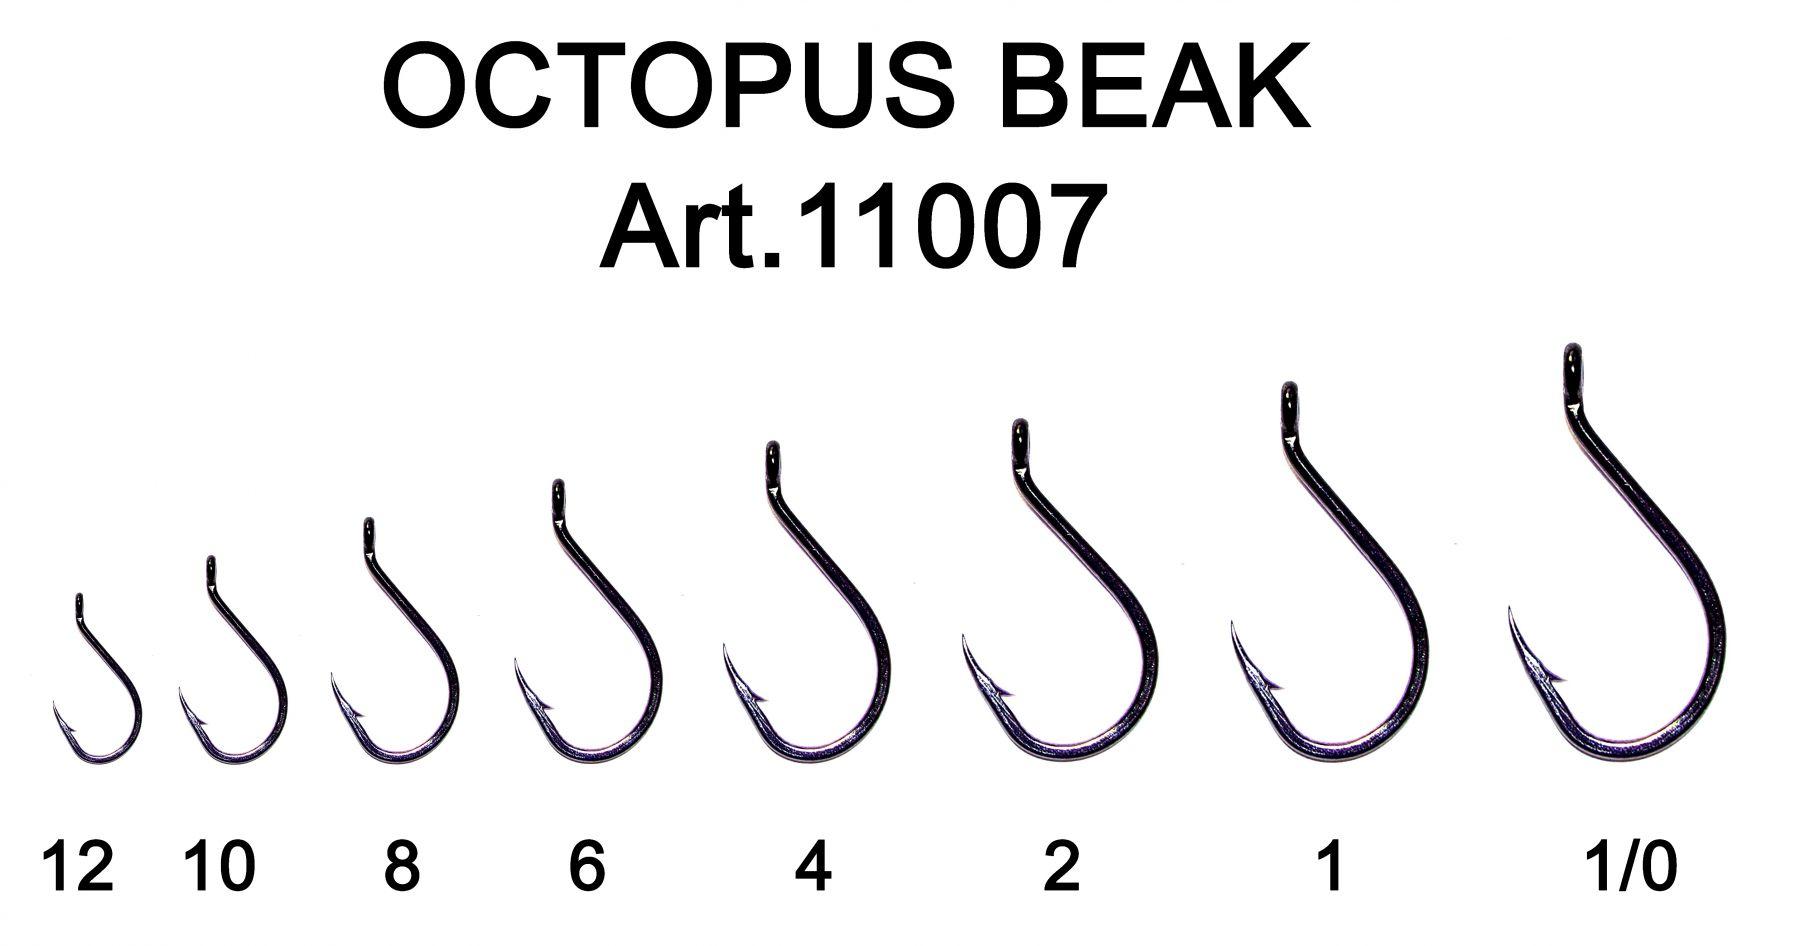 Крючок Fish Season Octopus Beak одинарные с ушком, покрытие BN  (Артикул:11007) №1/0